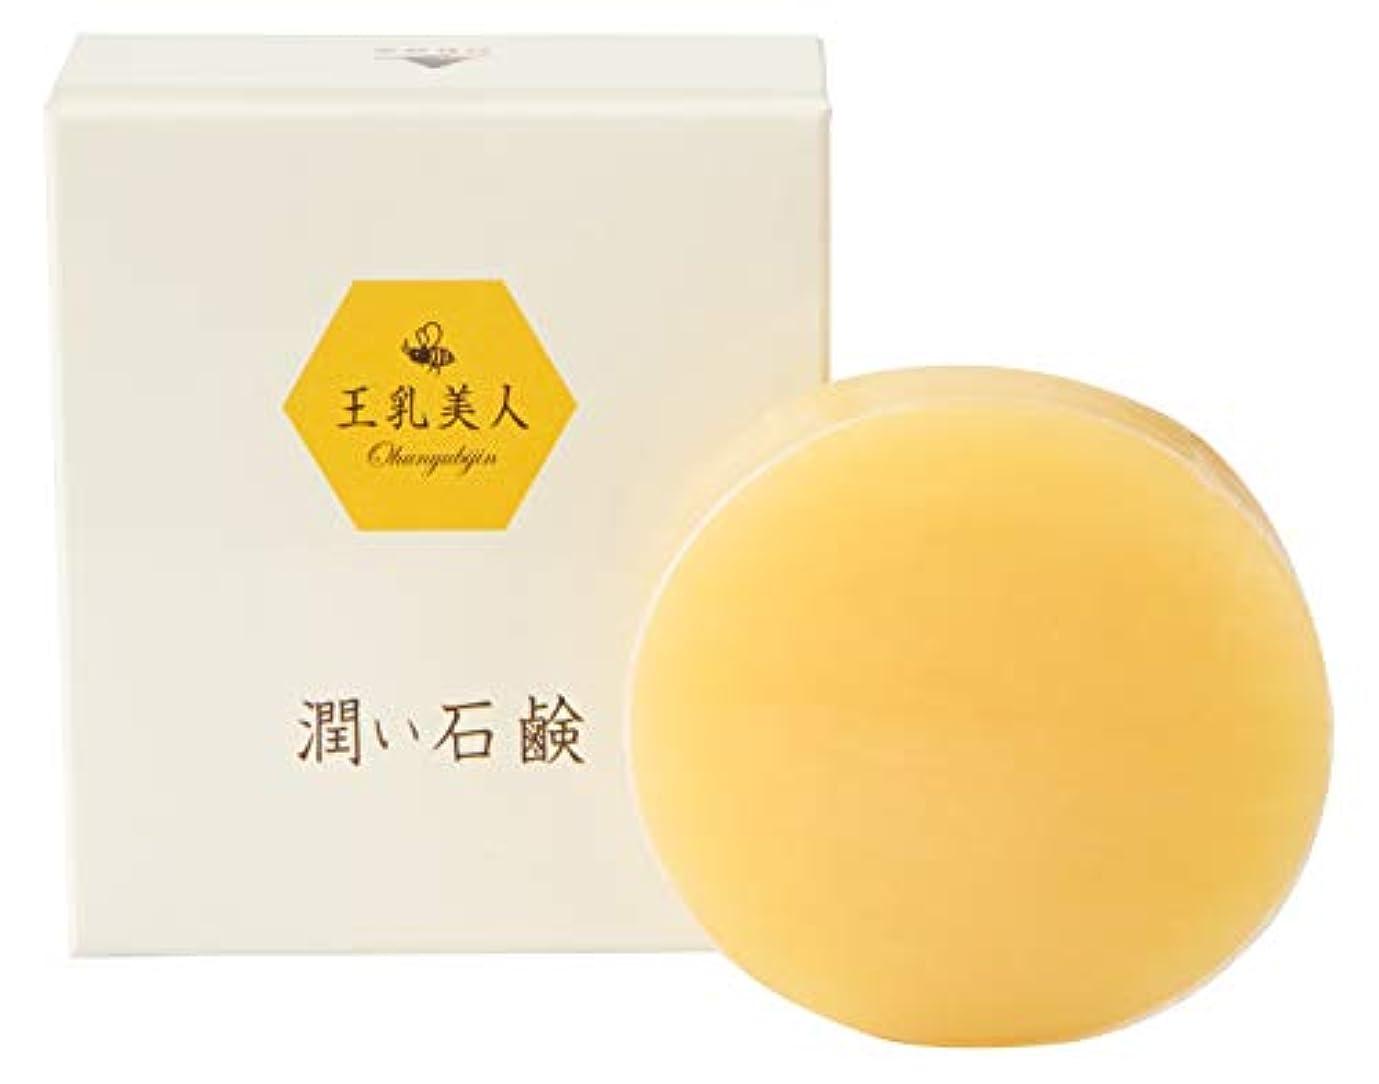 同行連邦あいにく王乳美人 潤い石鹸 100g 熊本産の馬油を使用